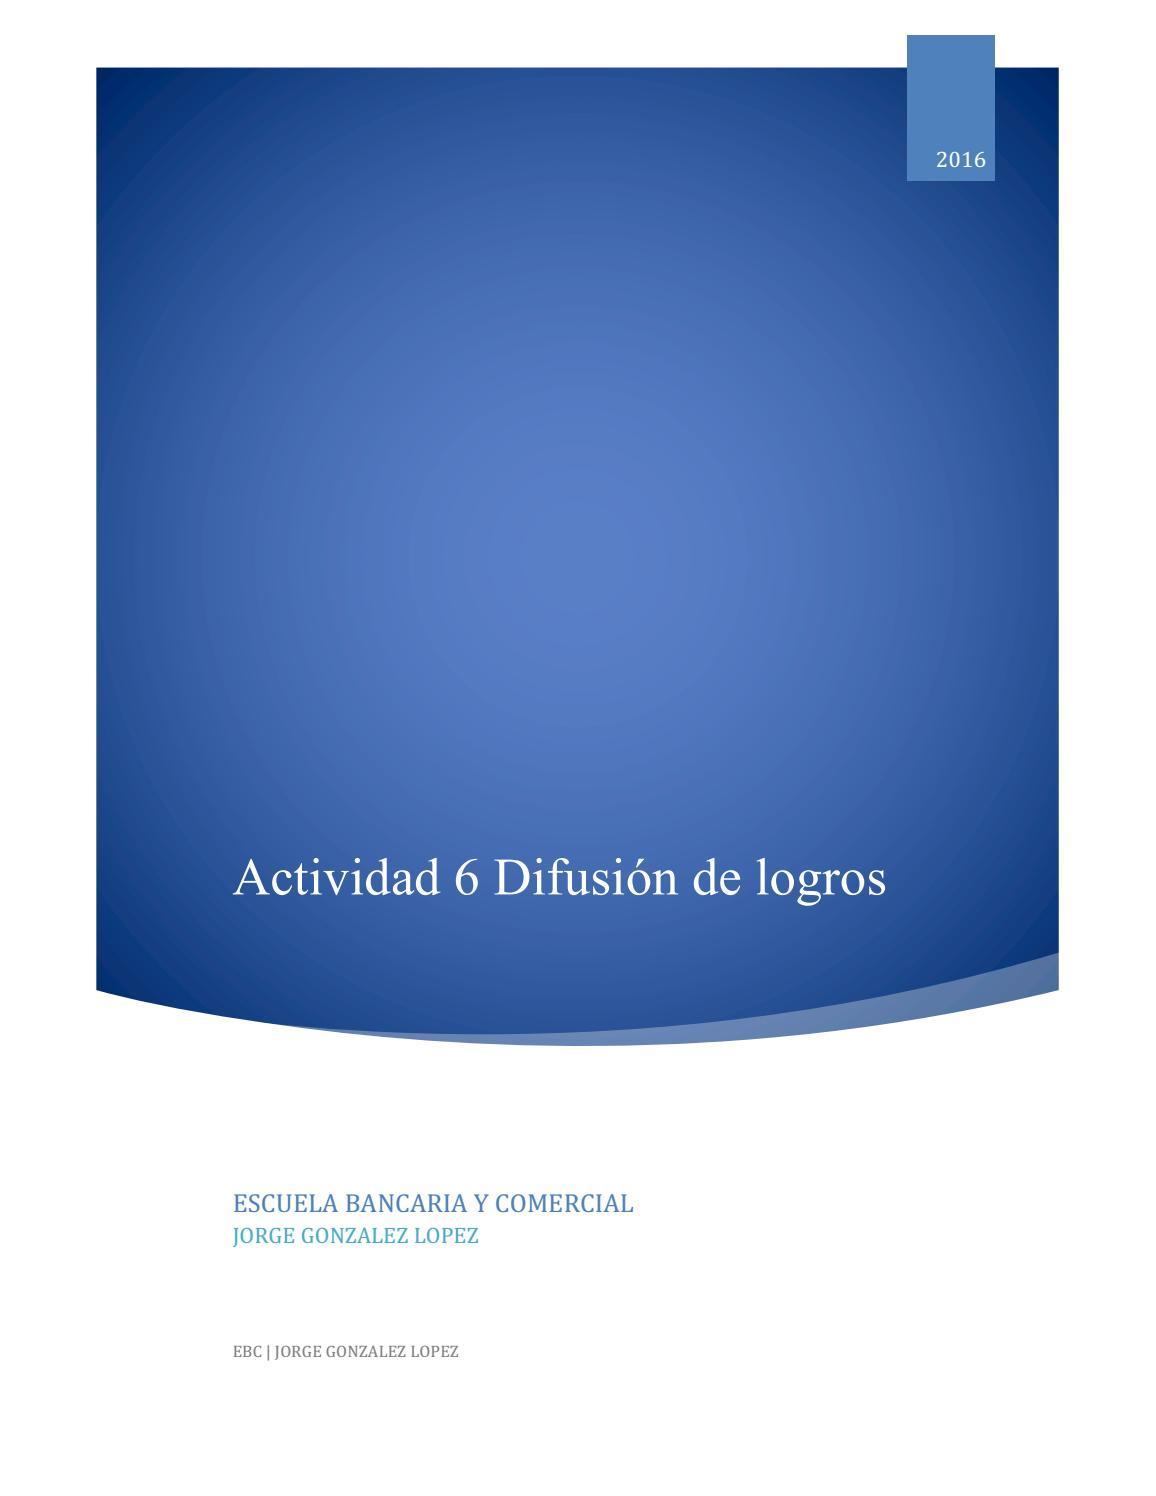 Actividad 6 by DERFASER - issuu